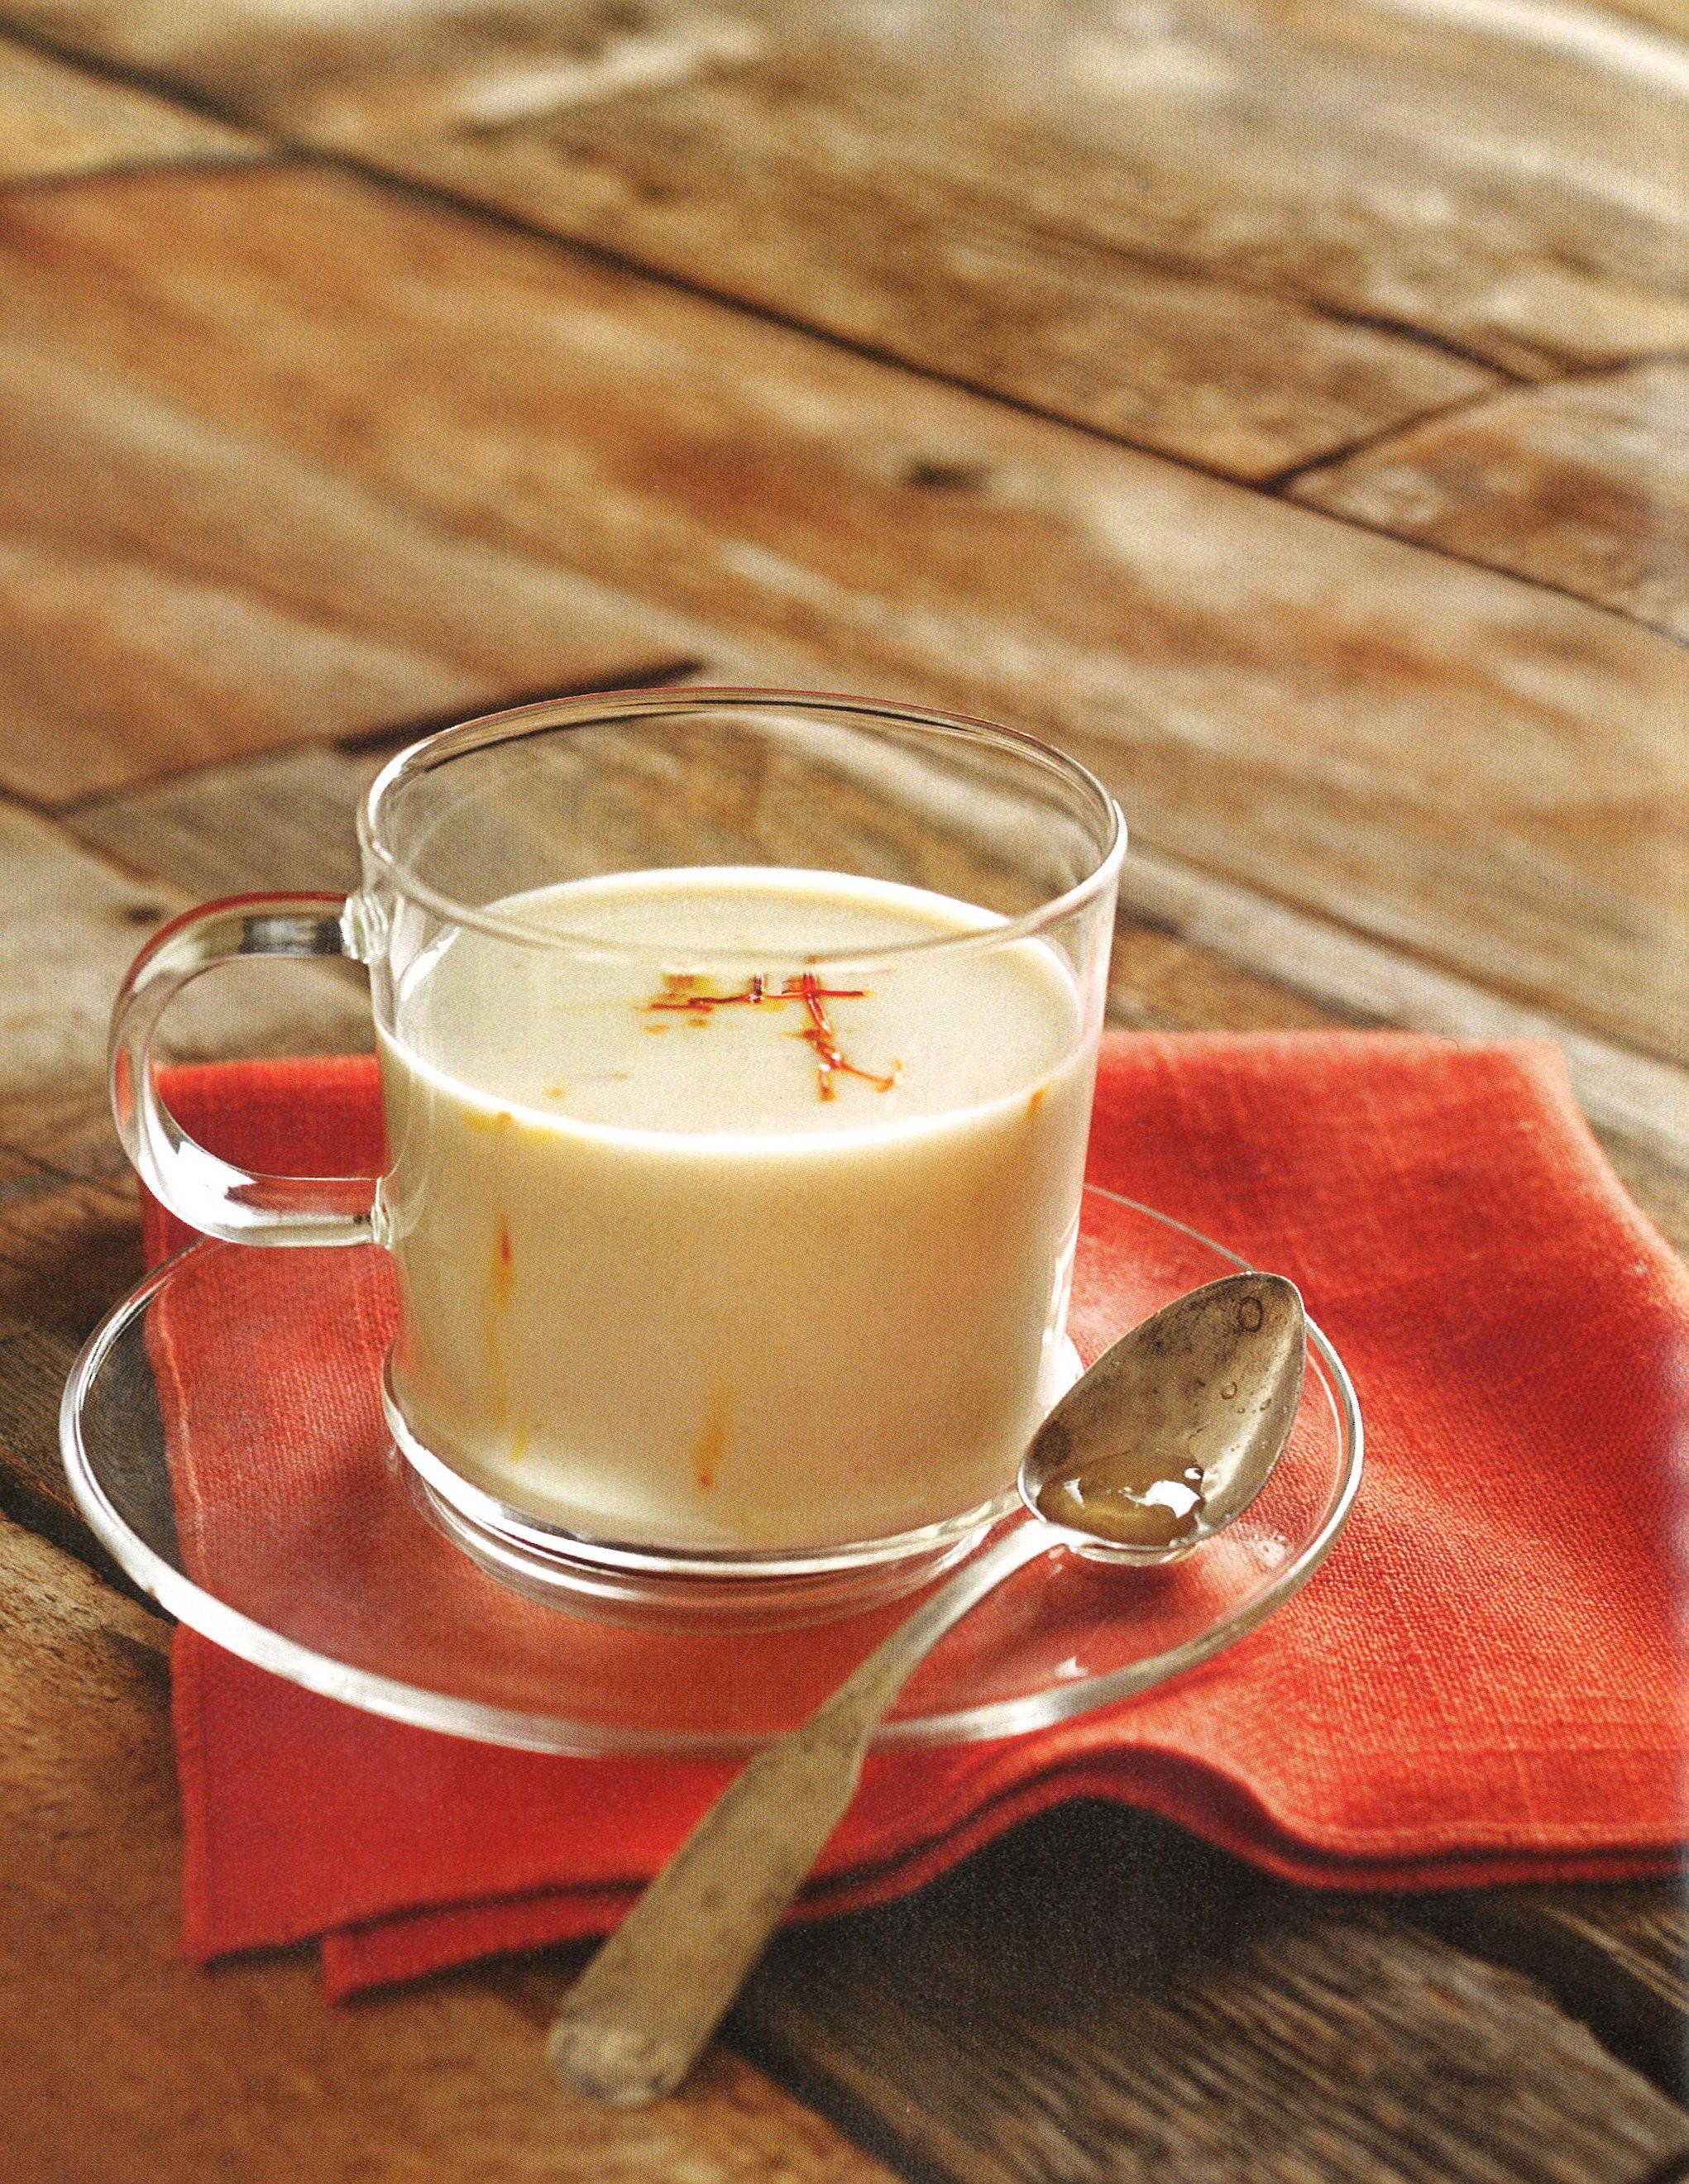 Almond Milk Dessert  Almond Milk Dessert Drink Recipe